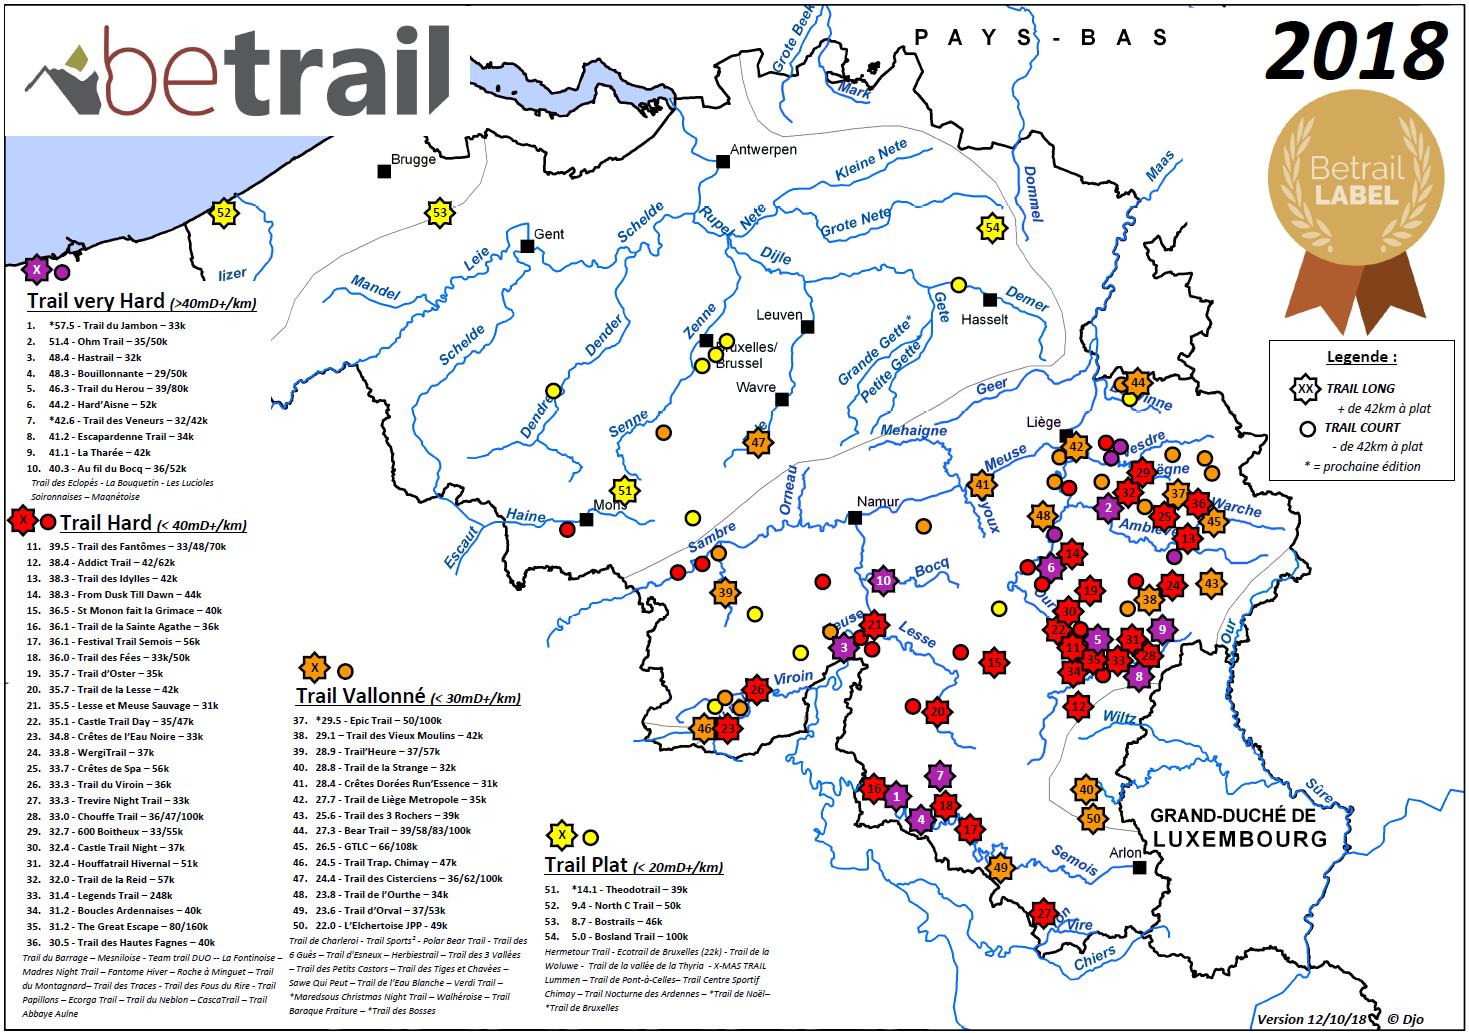 Carte trails avec label Betrail